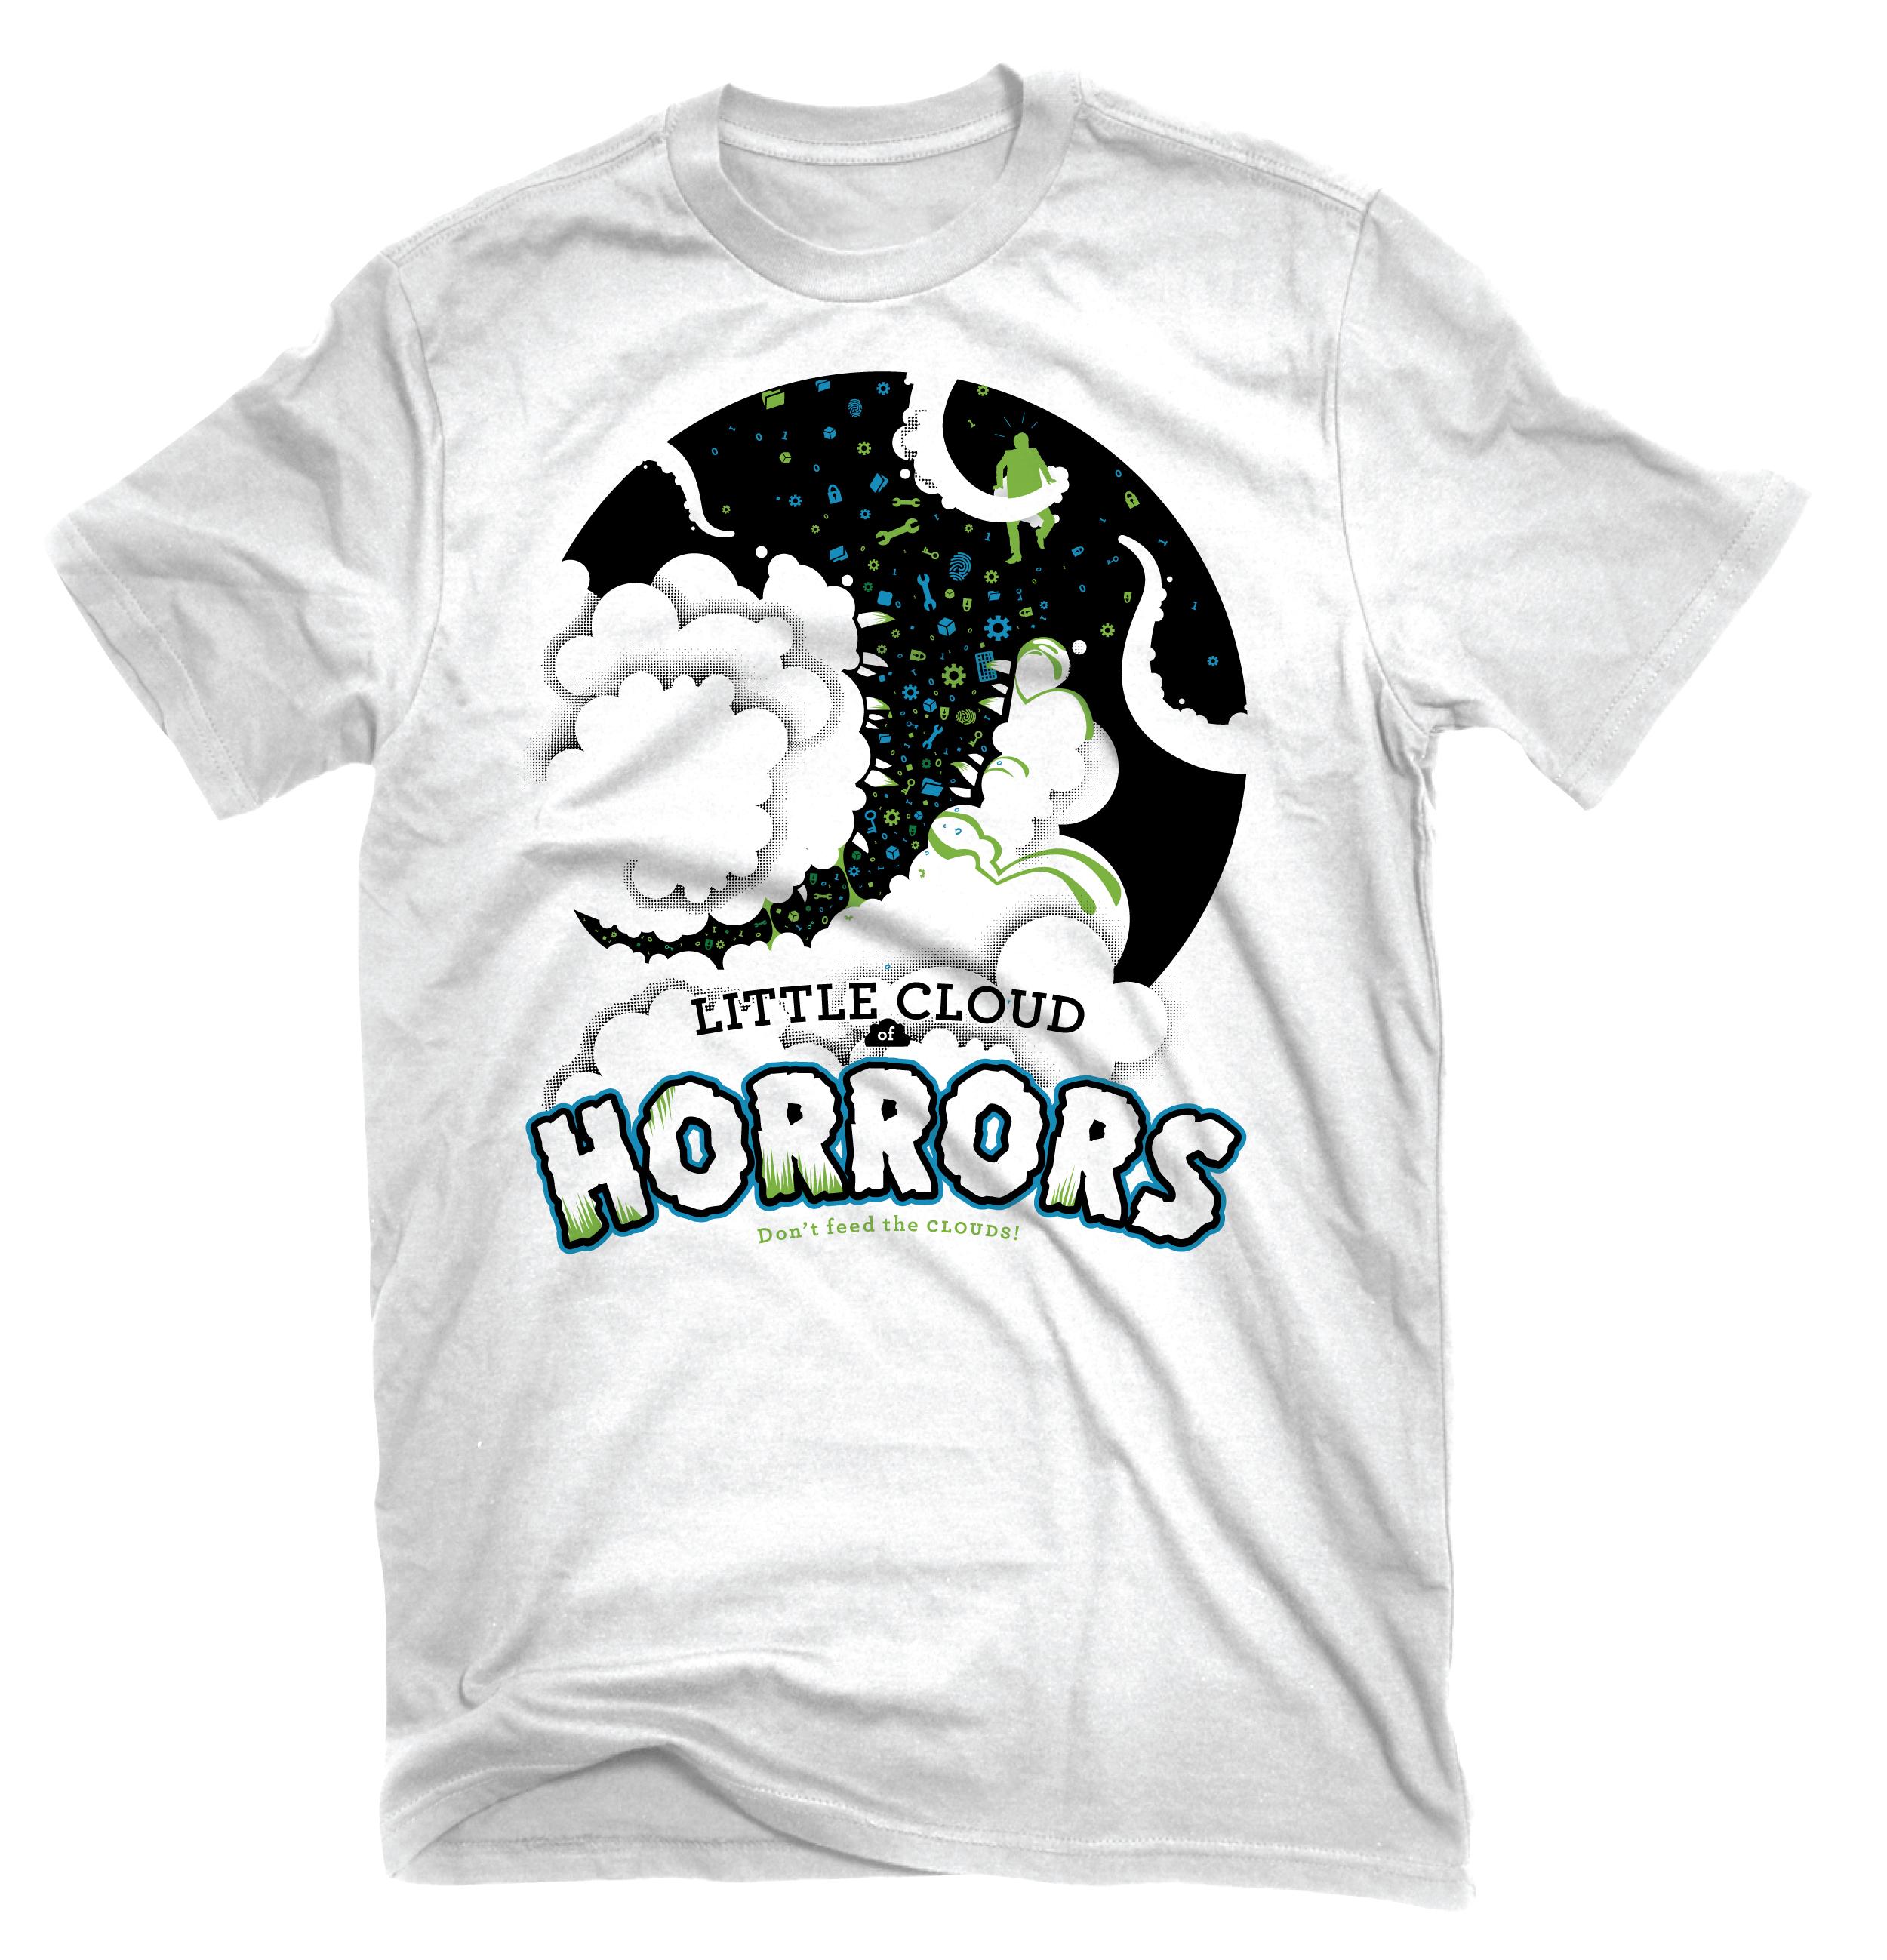 monster-movies-evident_cloud-horrors-shirt.jpg